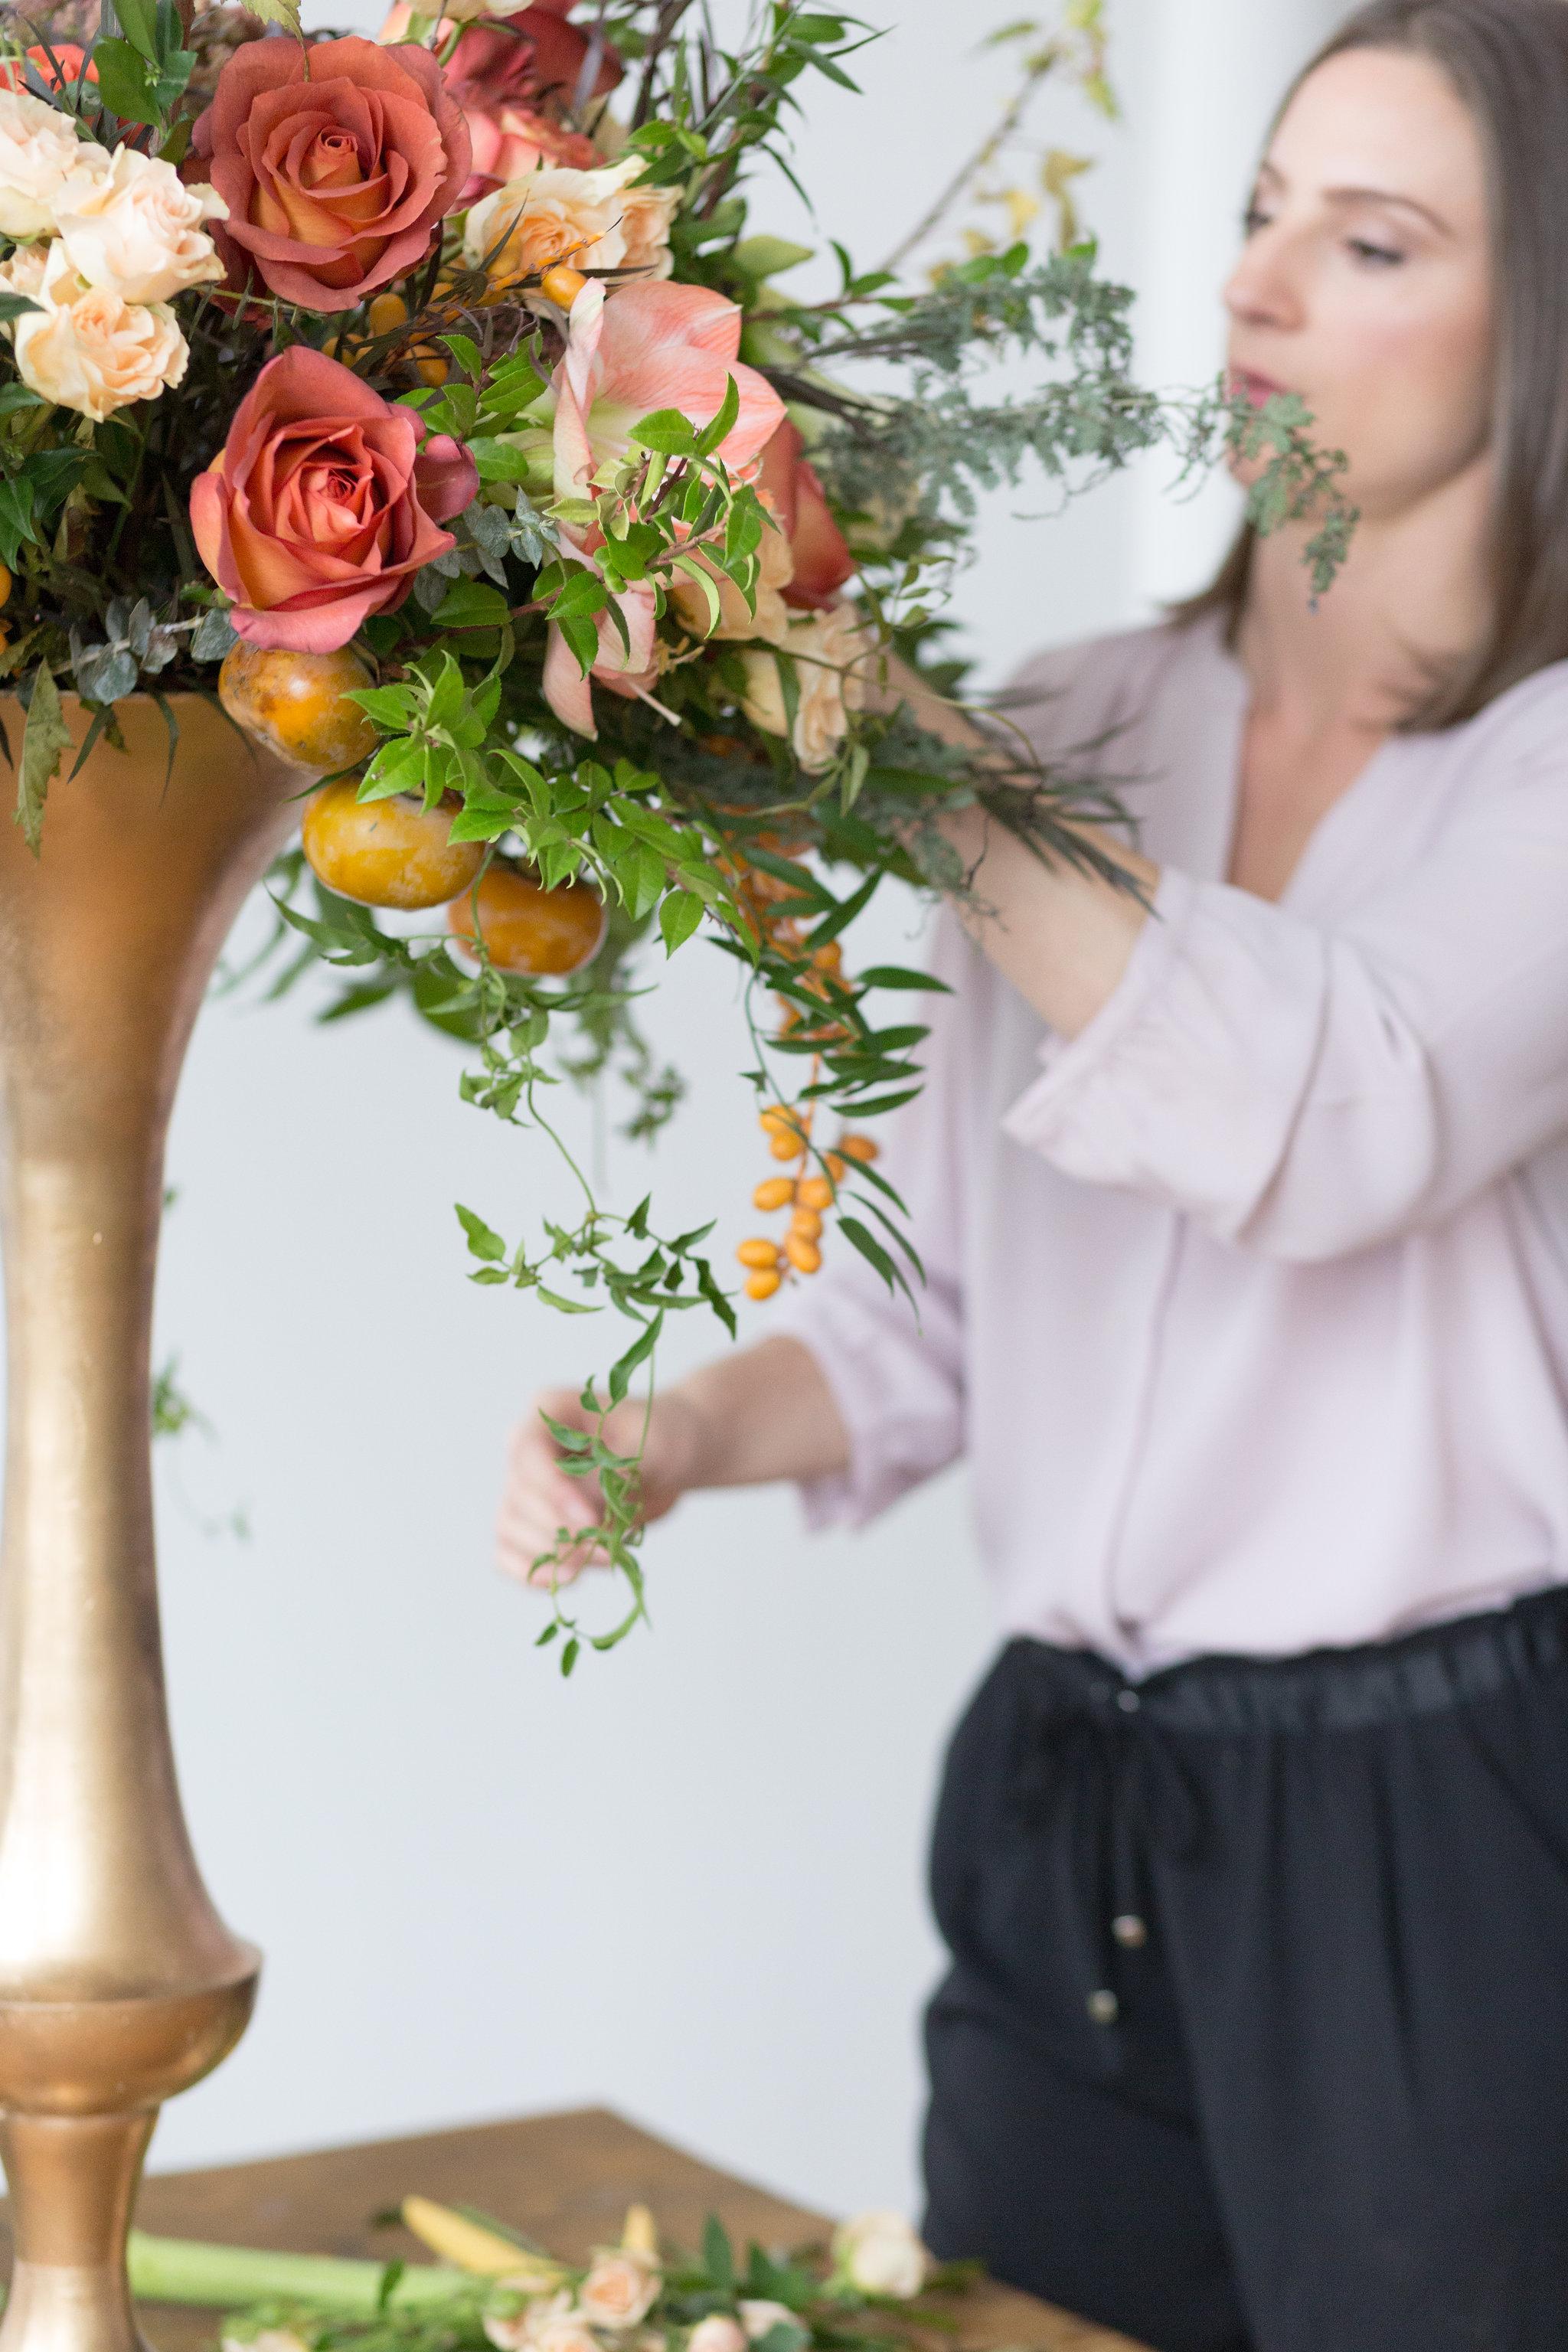 La-Rue-Floral-107.jpg